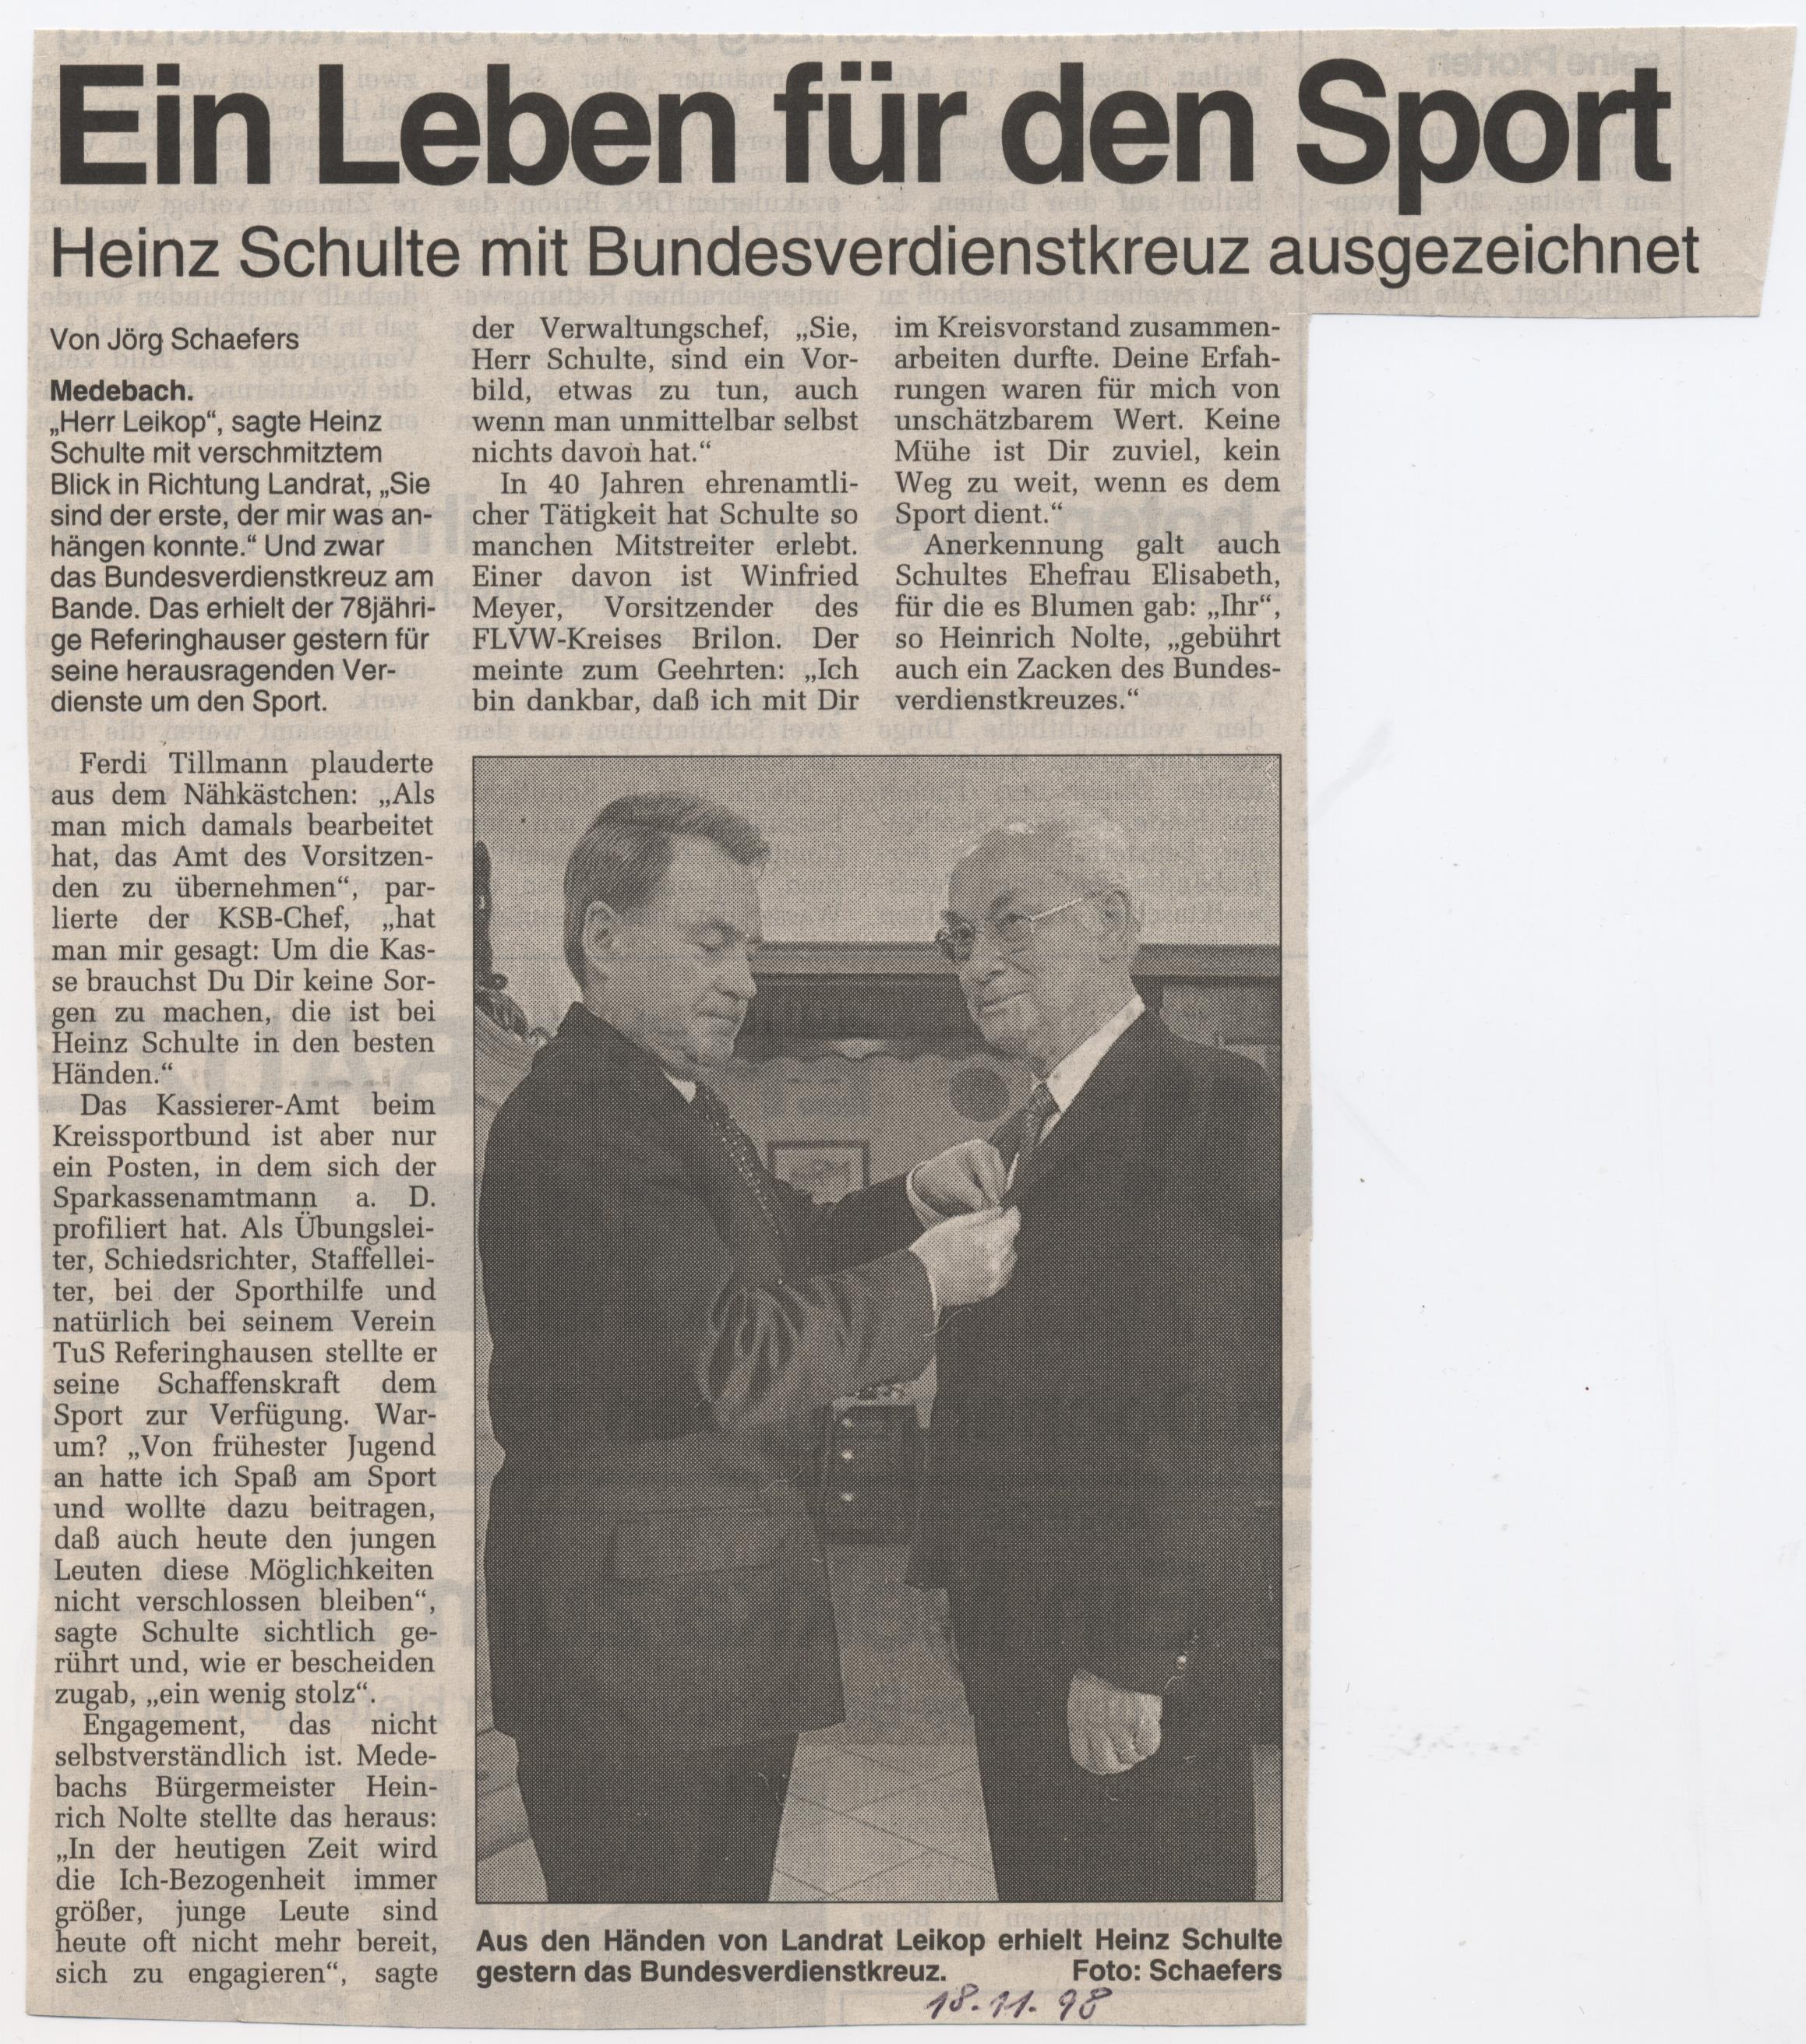 Ein Leben für den Sport, Bundesverdienstkreuz